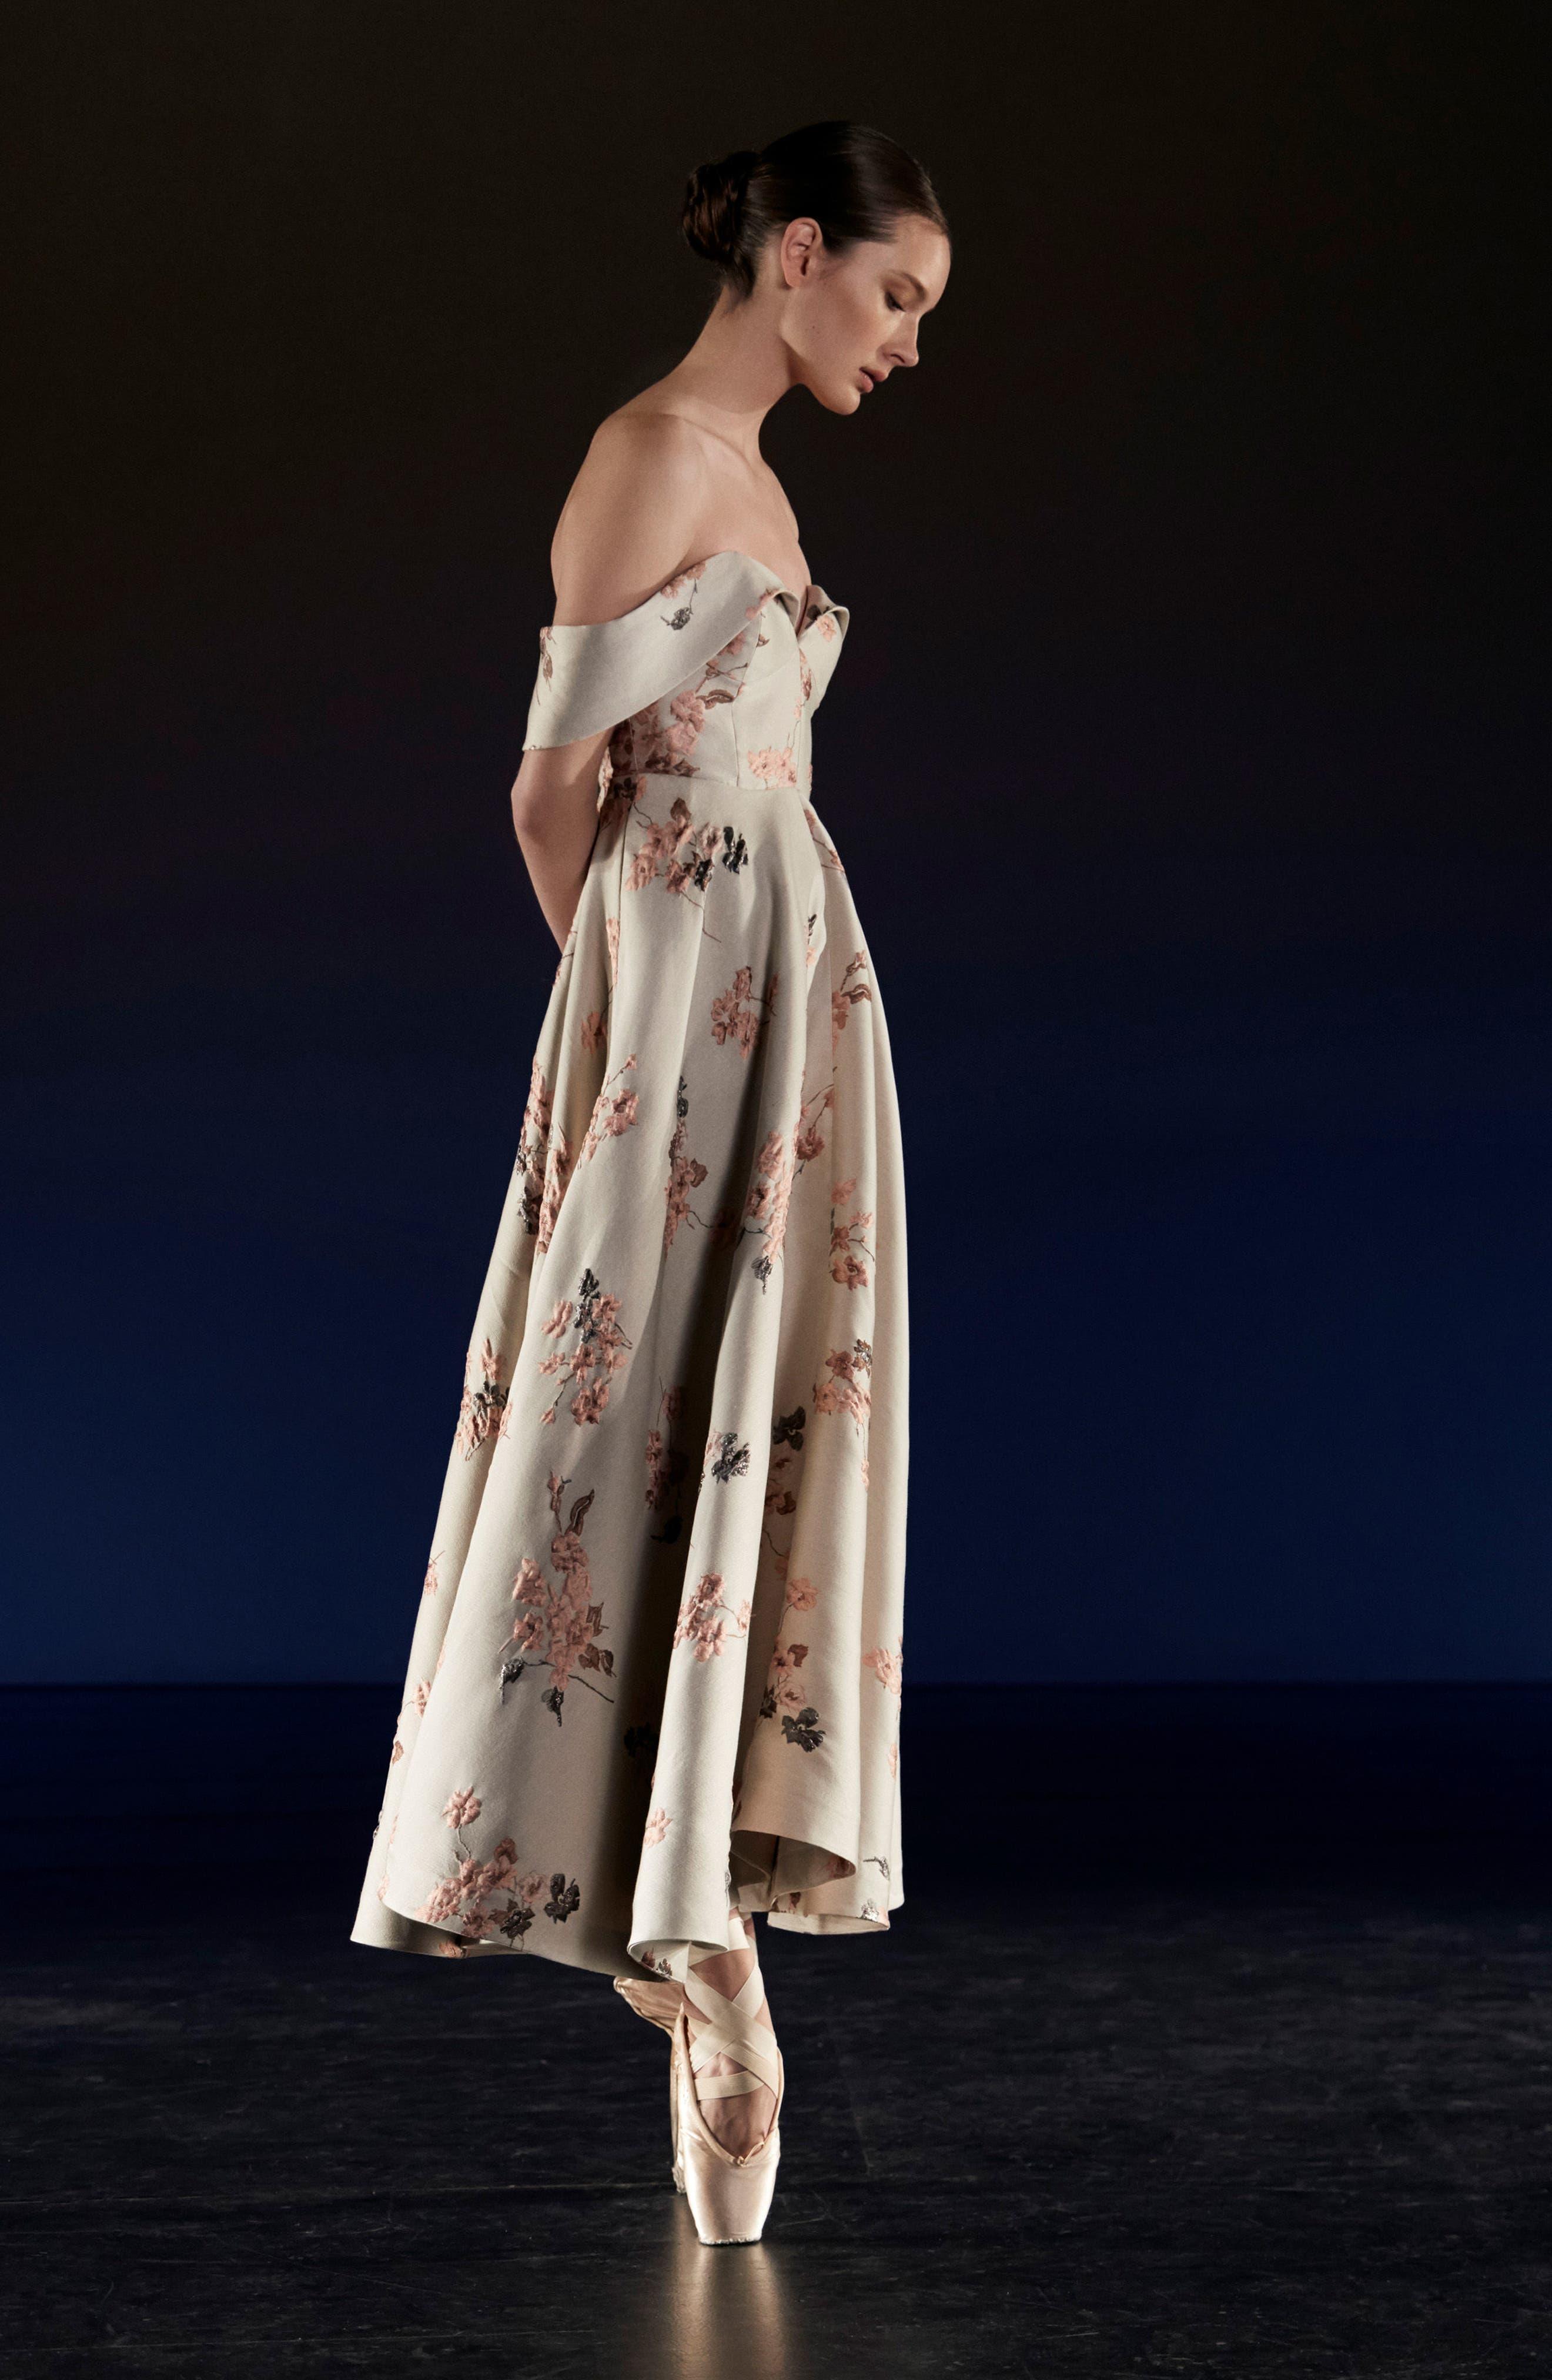 Metallic Floral Jacquard Off the Shoulder Dress,                             Alternate thumbnail 2, color,                             Beige/ Pink